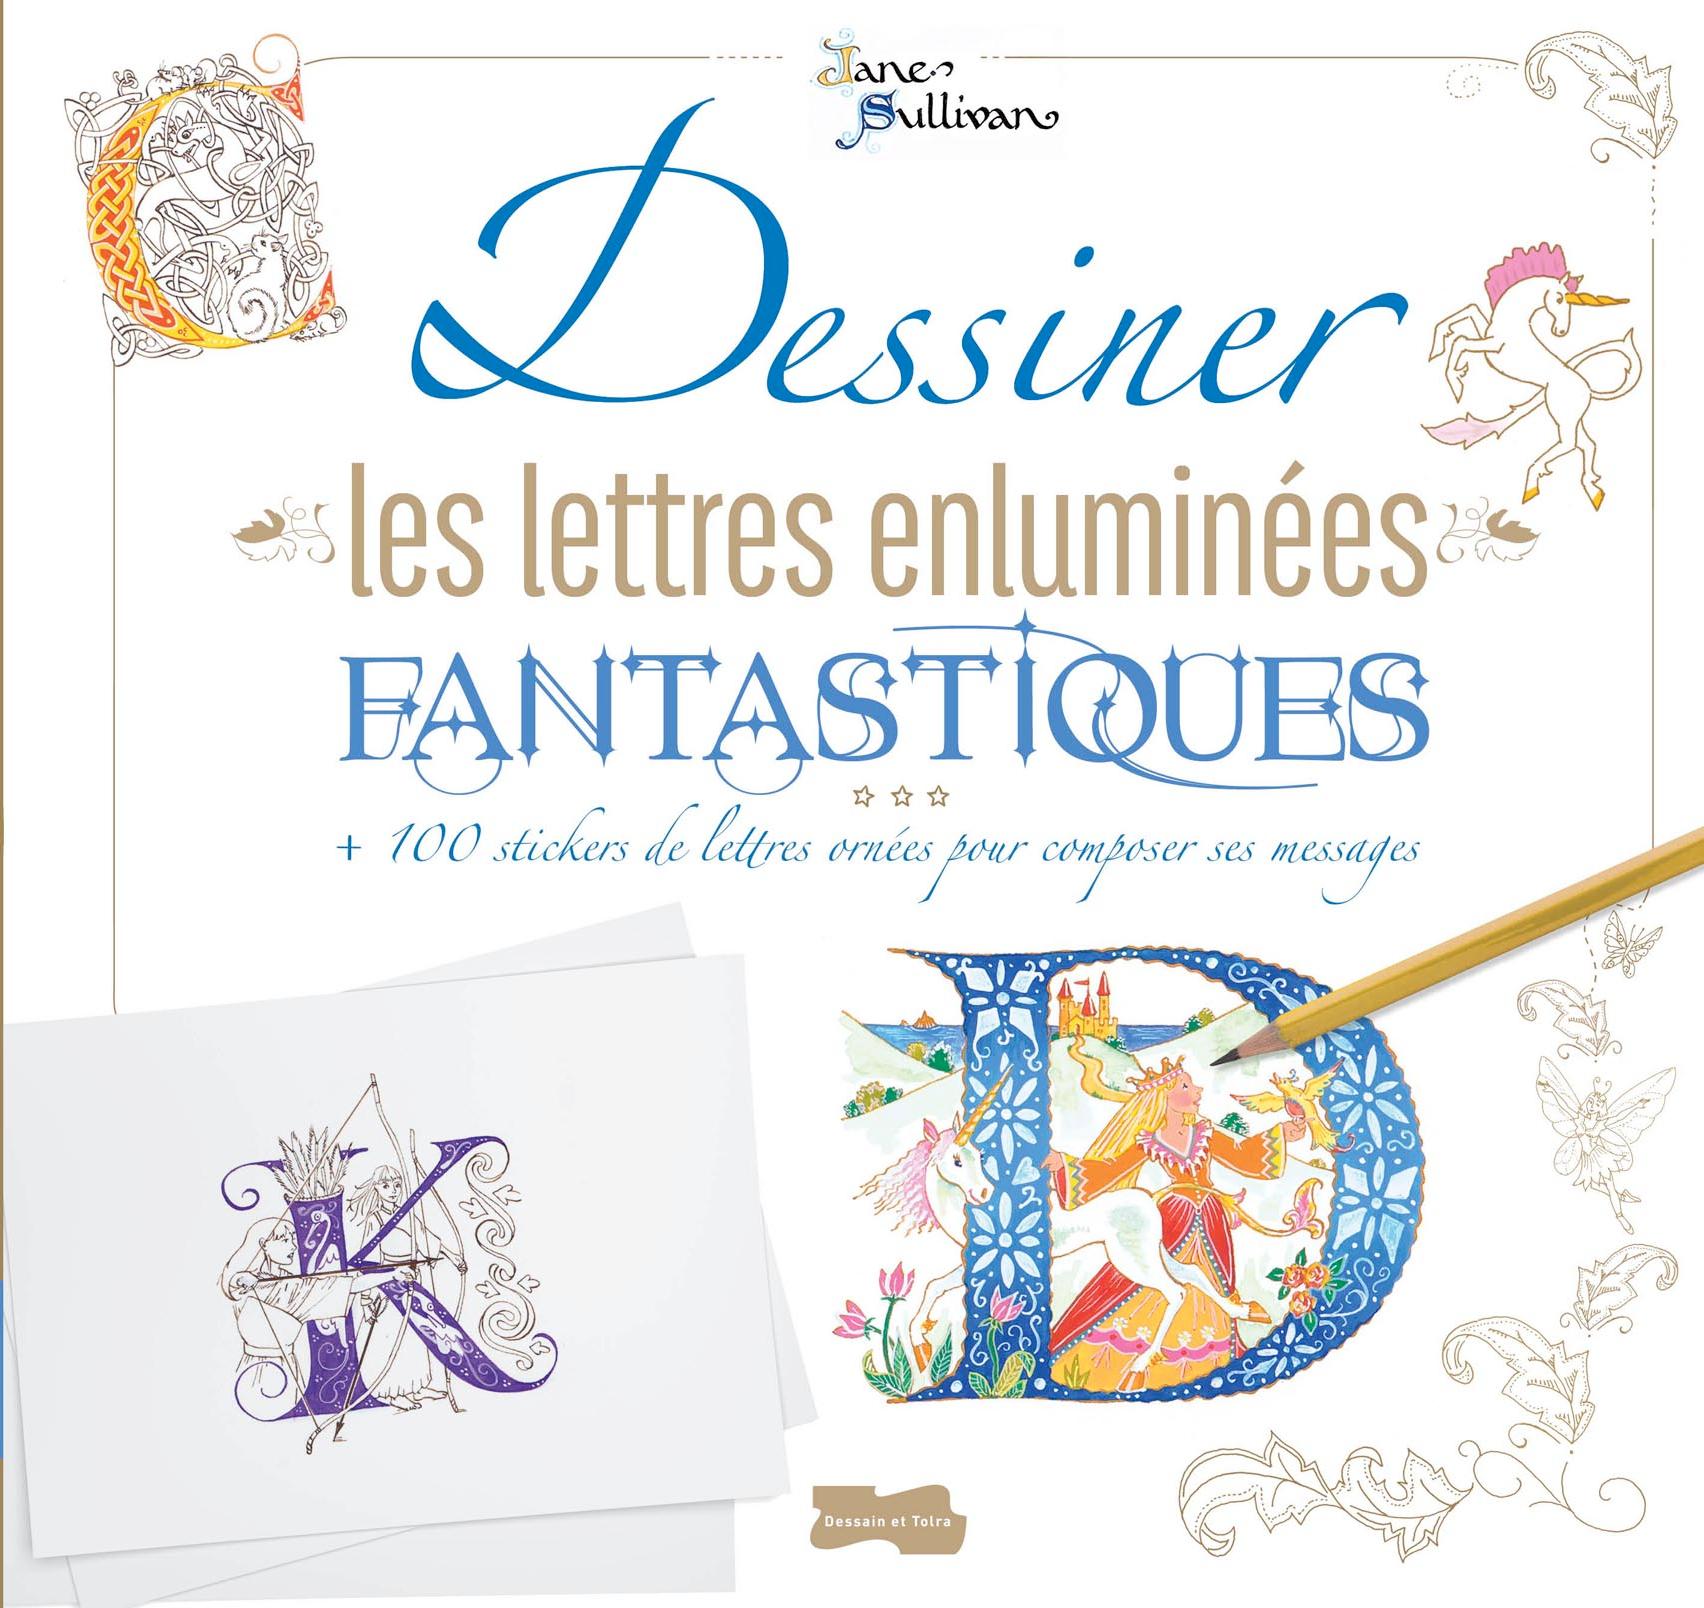 Lettres enluminées fantastiques